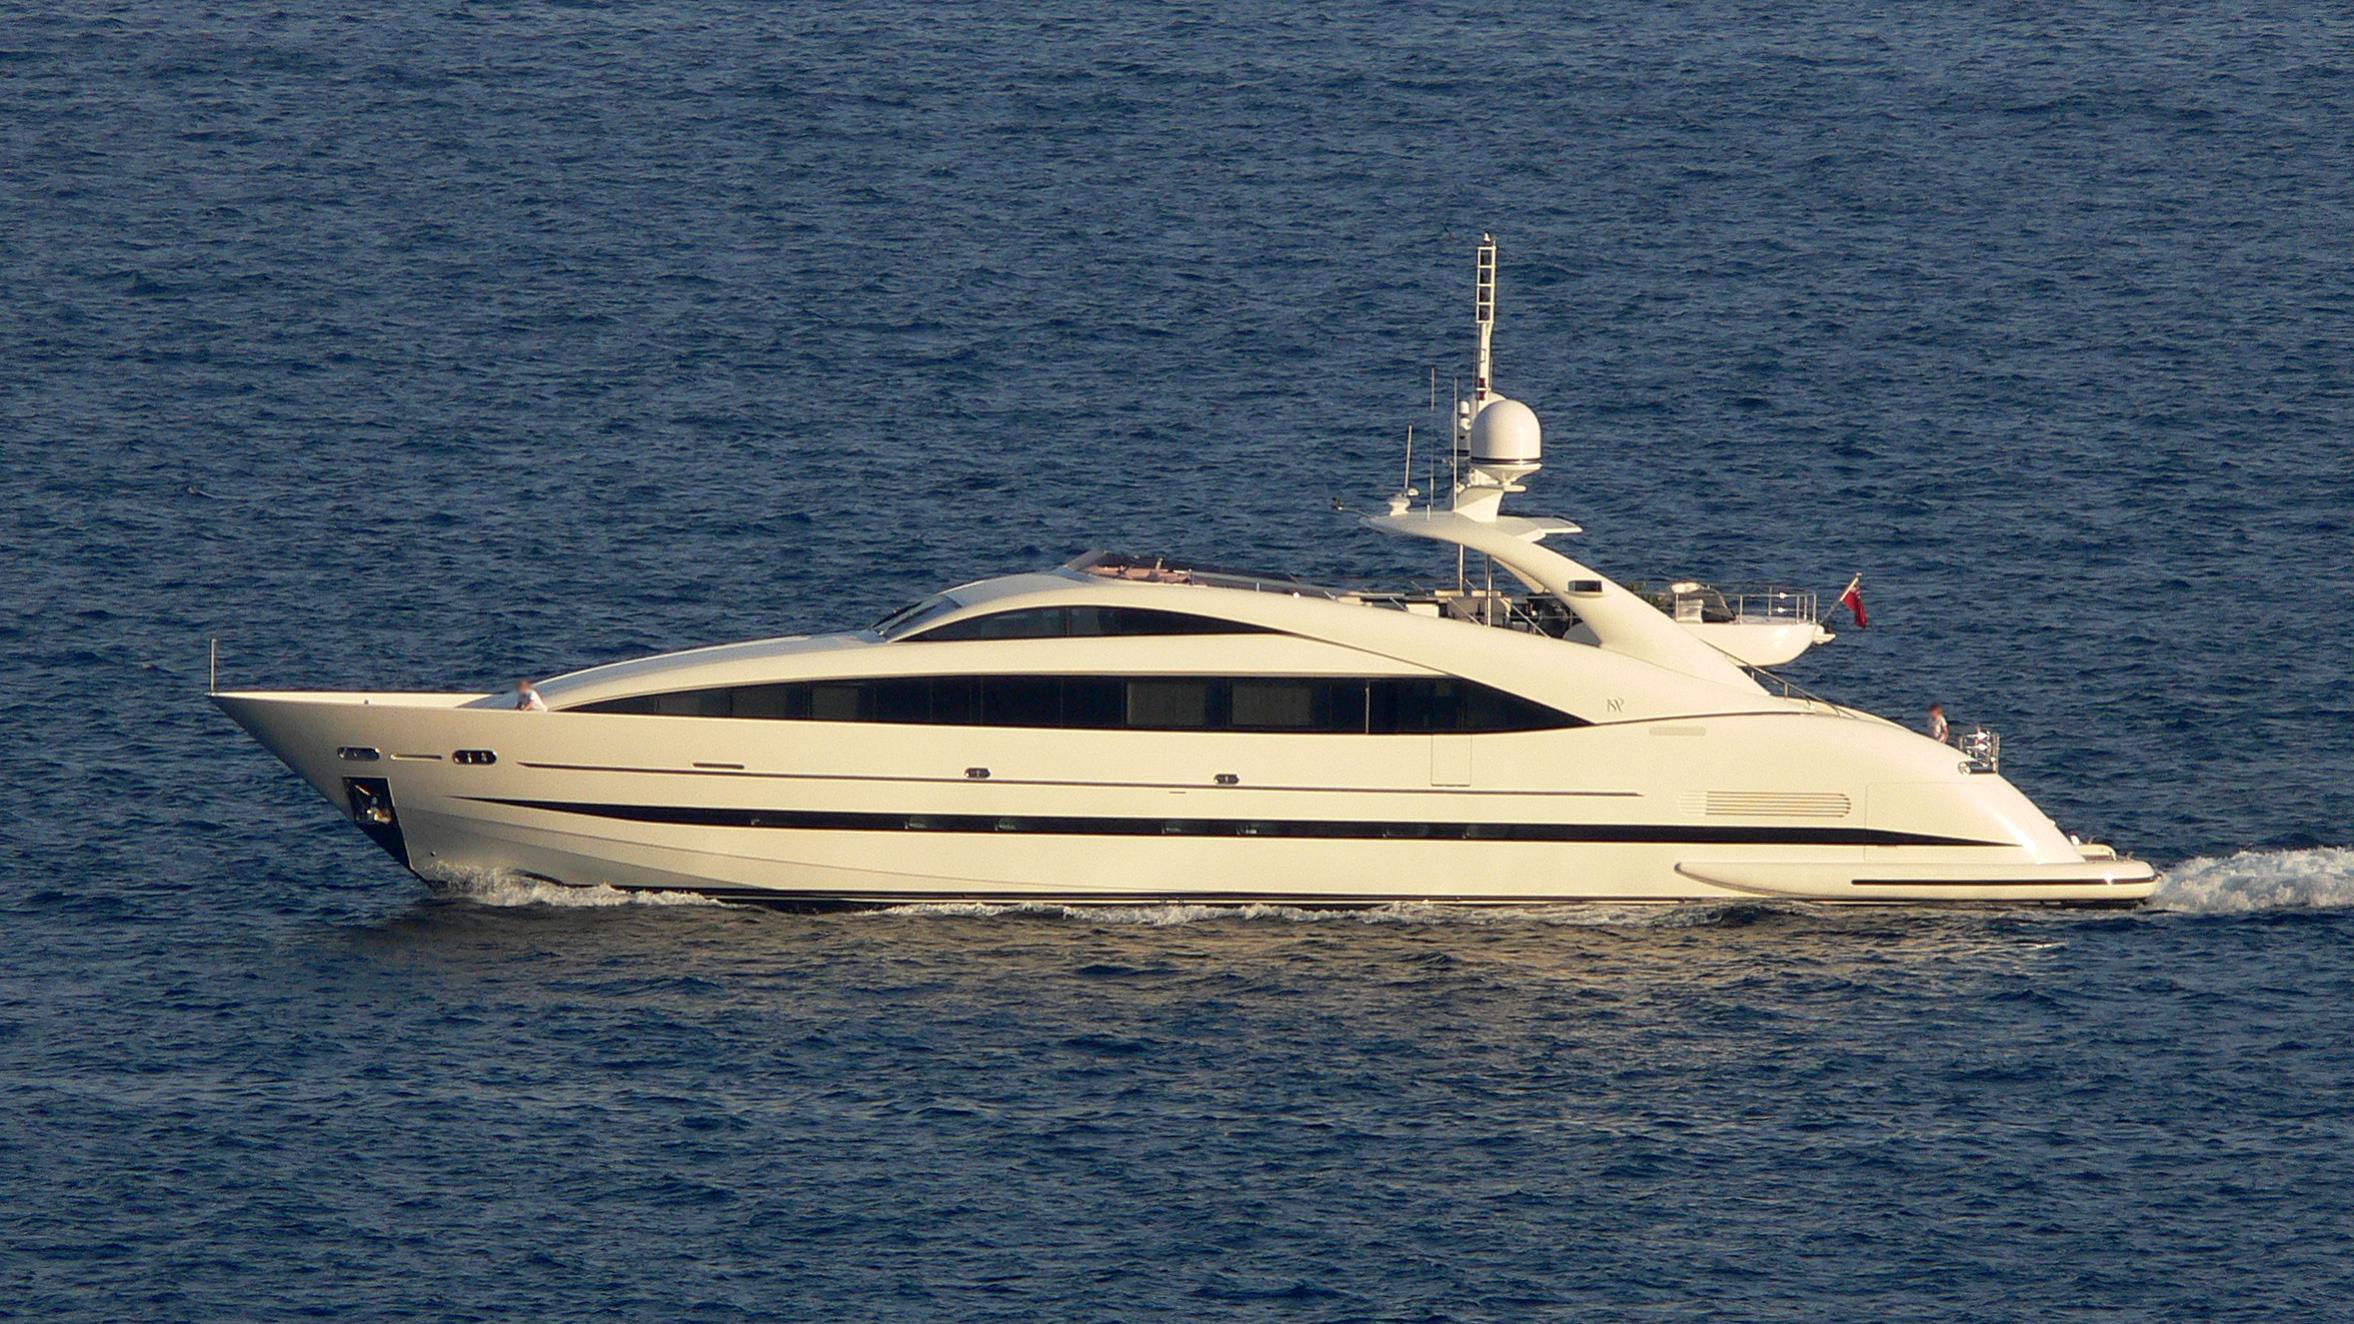 sealyon-yacht-exterior